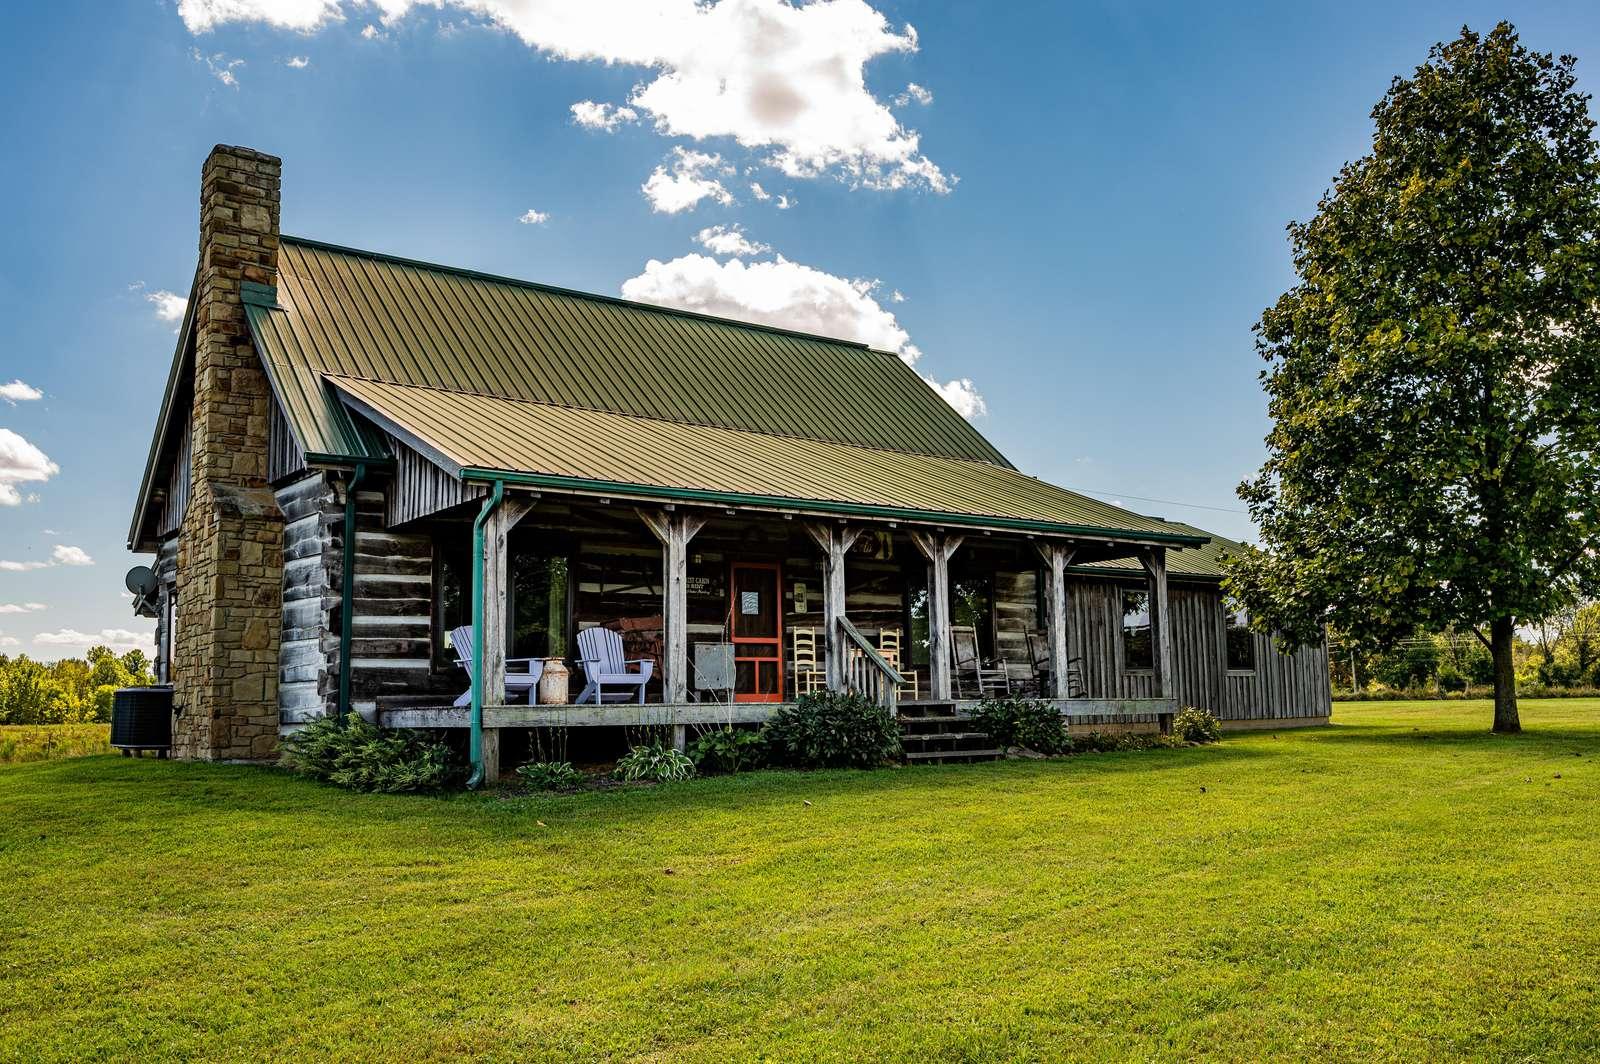 Bittersweet Farm Log Cabin - property